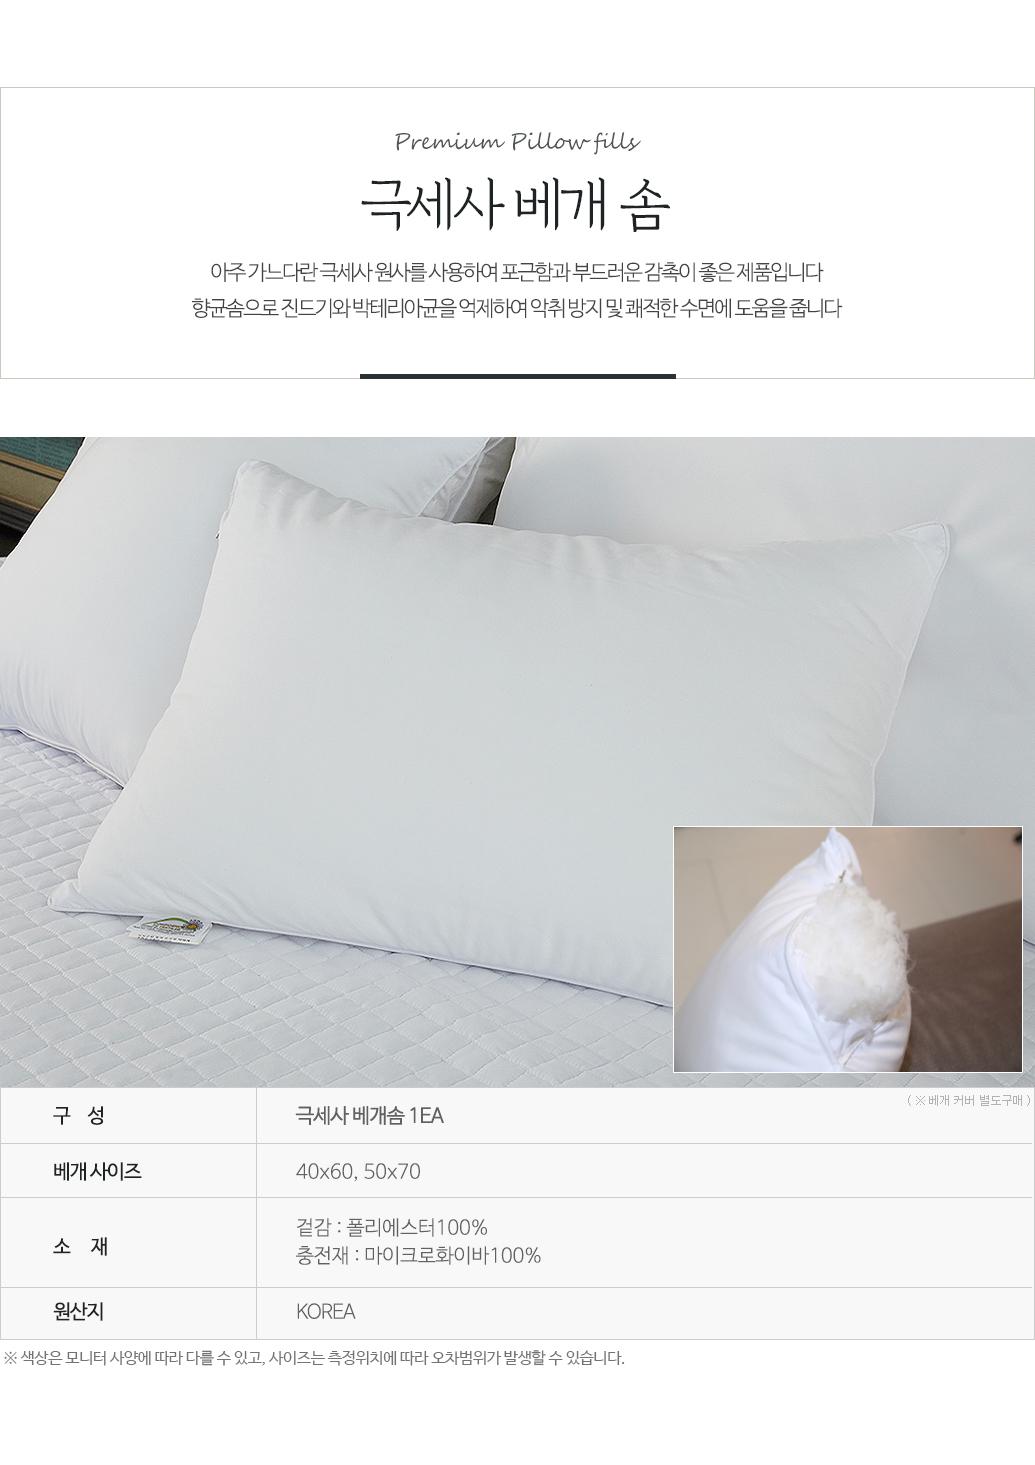 hp_pillow05.jpg